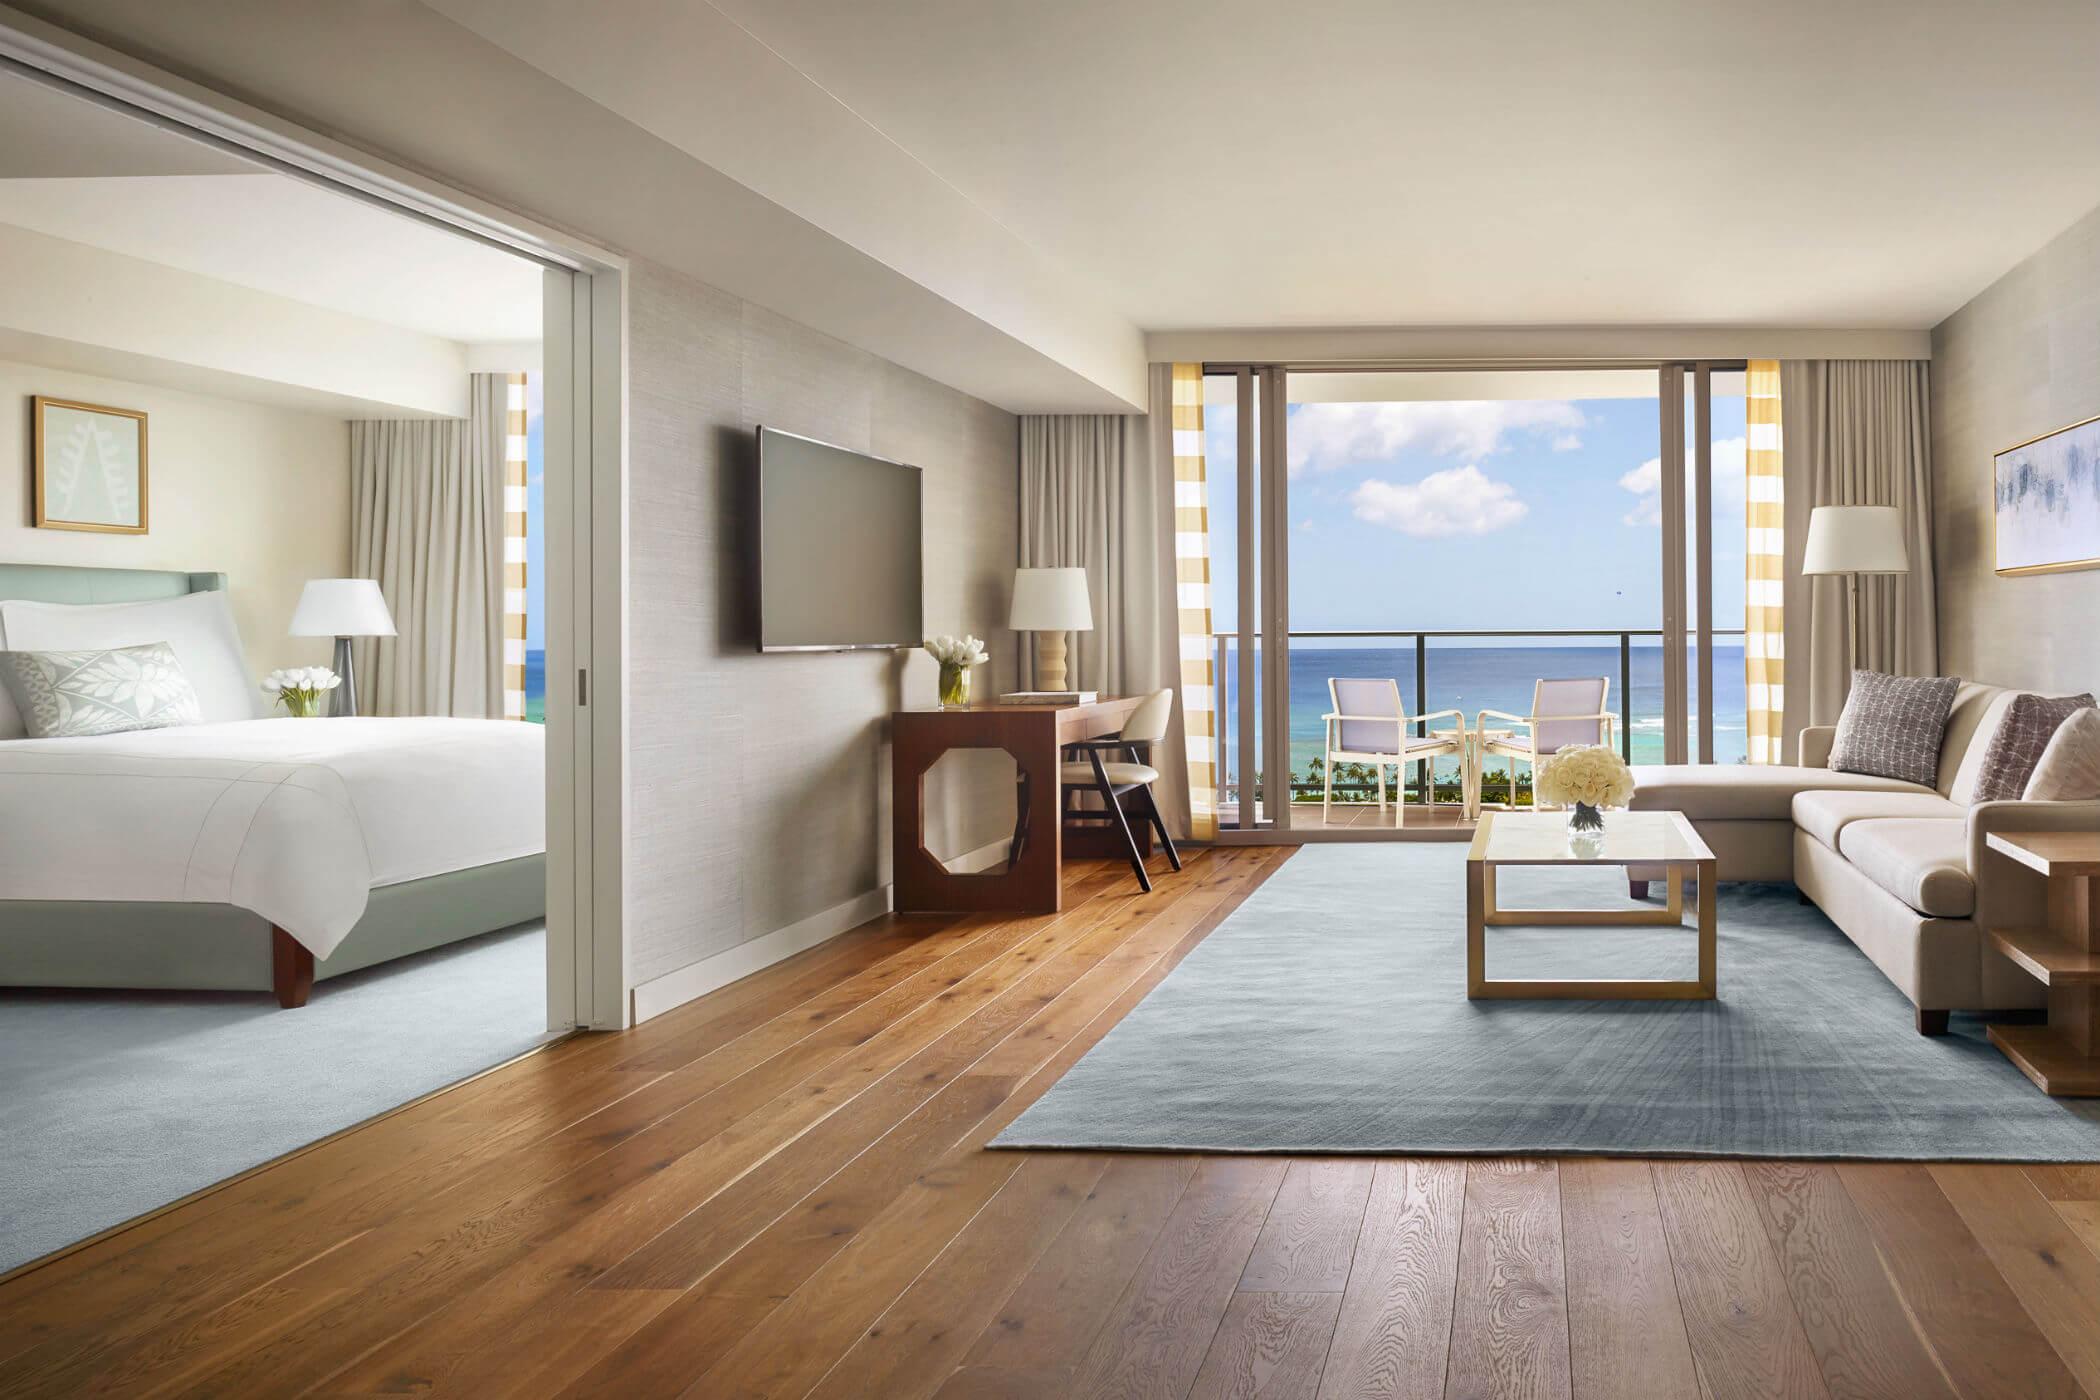 ハワイのホテル客室の選び方特集|jtbハワイトラベル